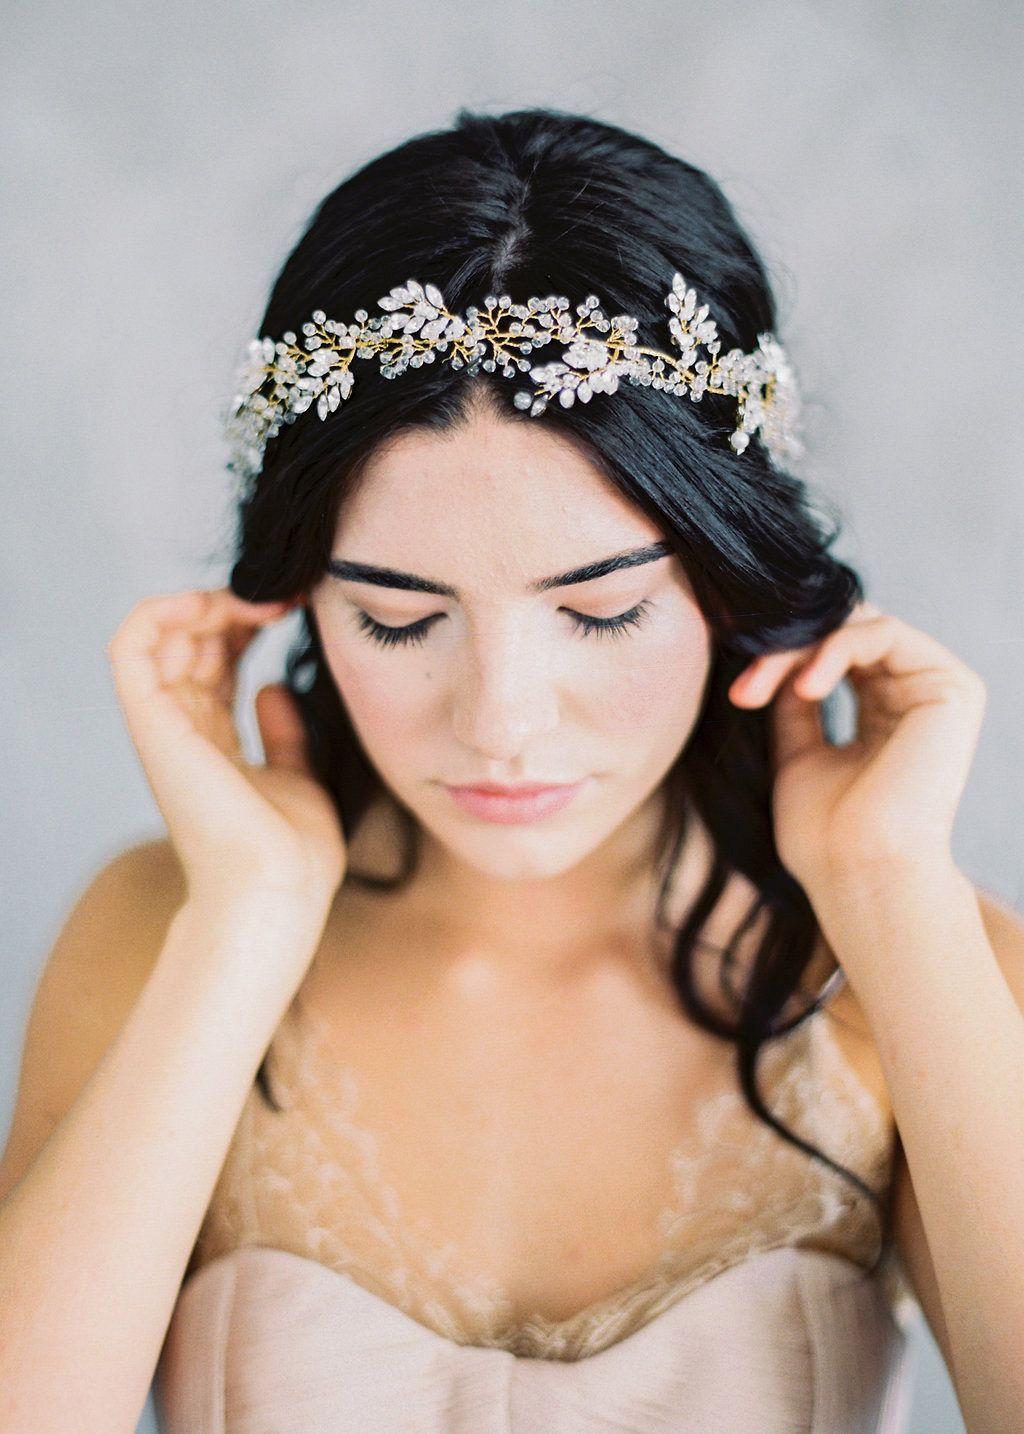 delicate and romantic adornments for the fine art bride | fine art